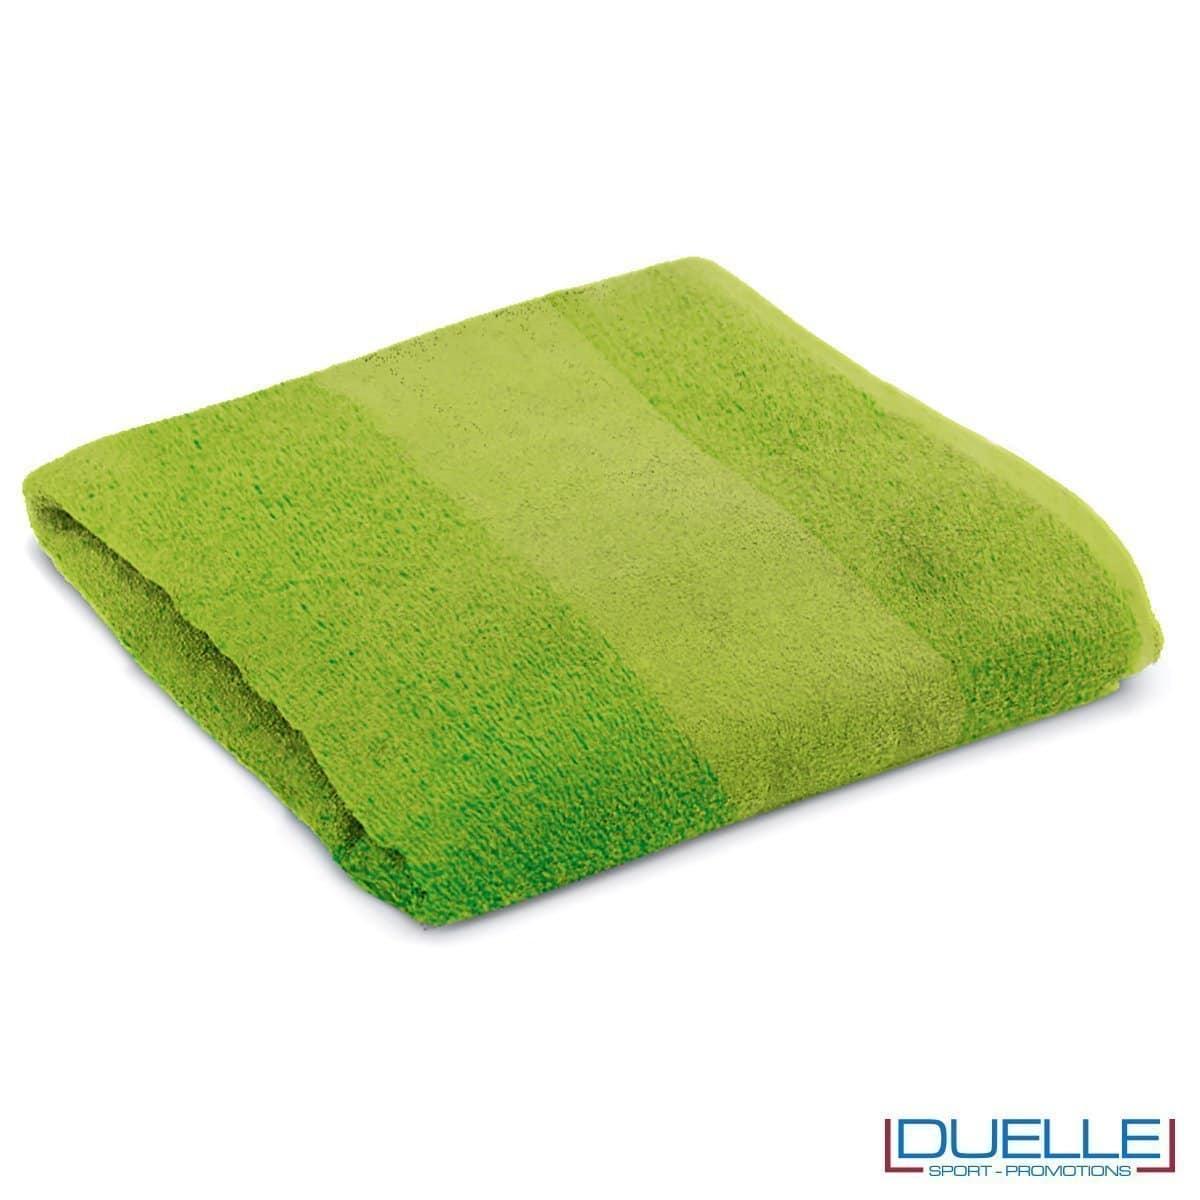 telo personalizzato mare cotone verdemela, gadget mare, gadget estate, gadget promozionali 100% cotone